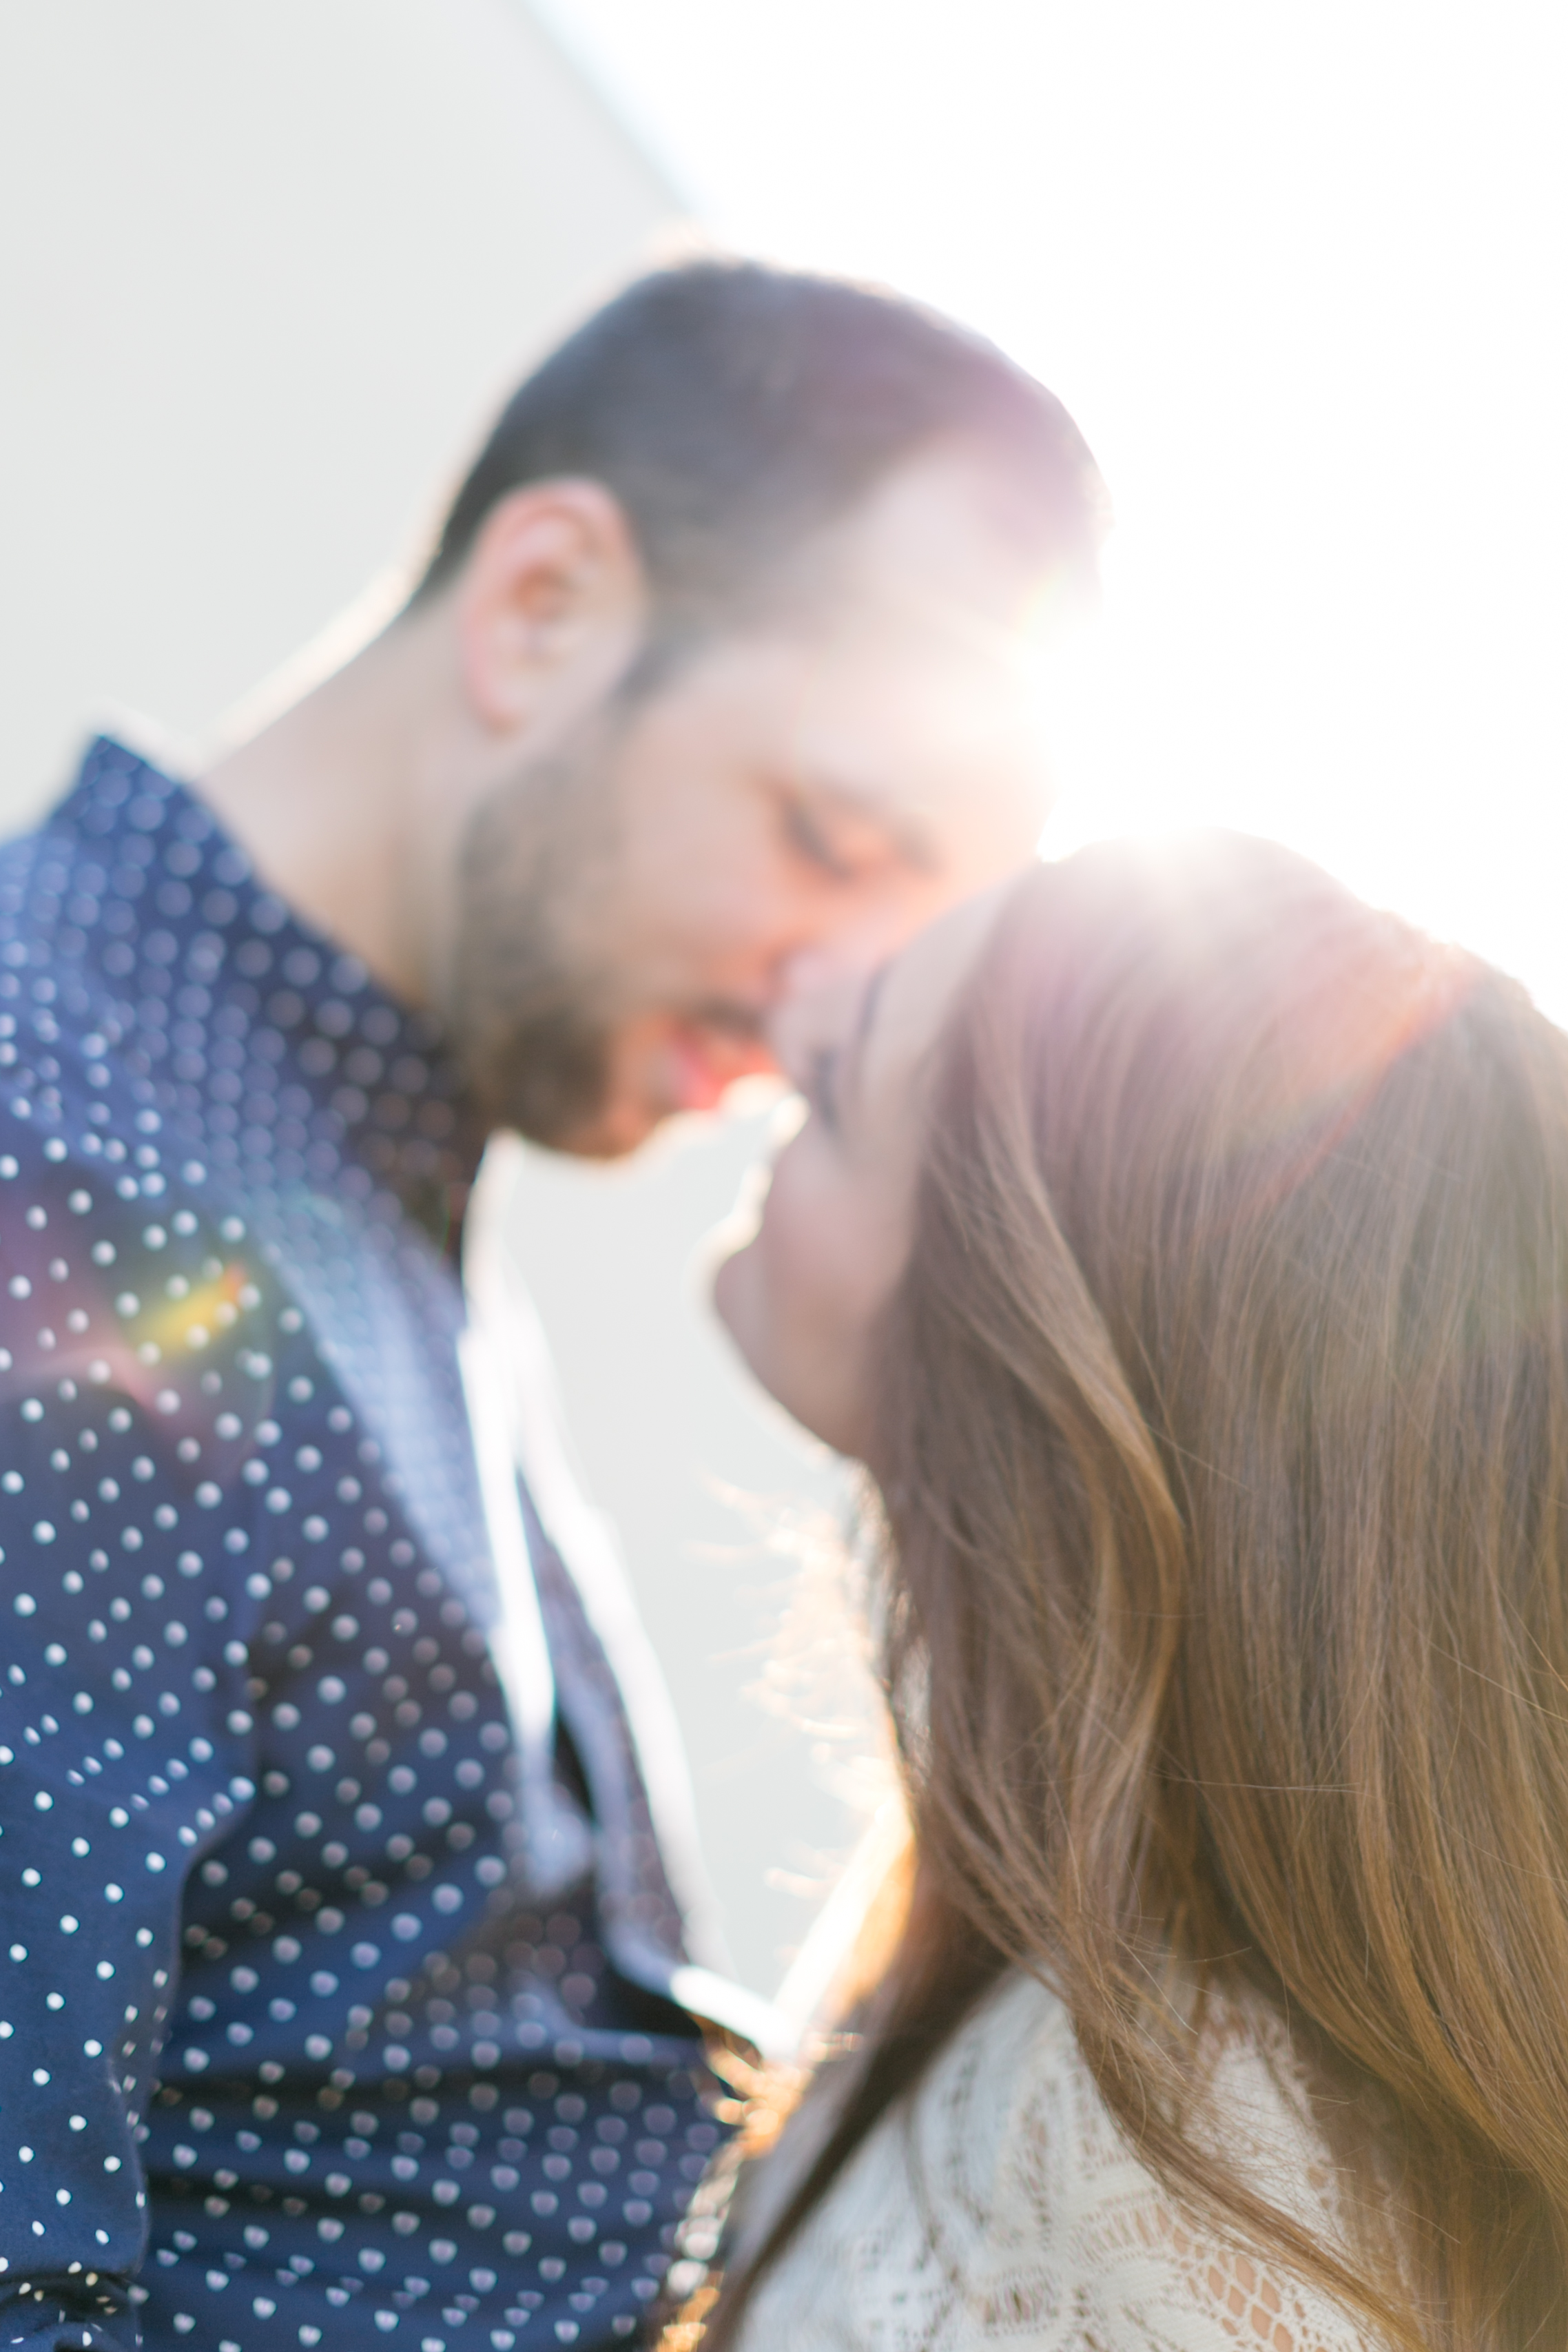 coupleshoot-munich-kiss-sun.jpg